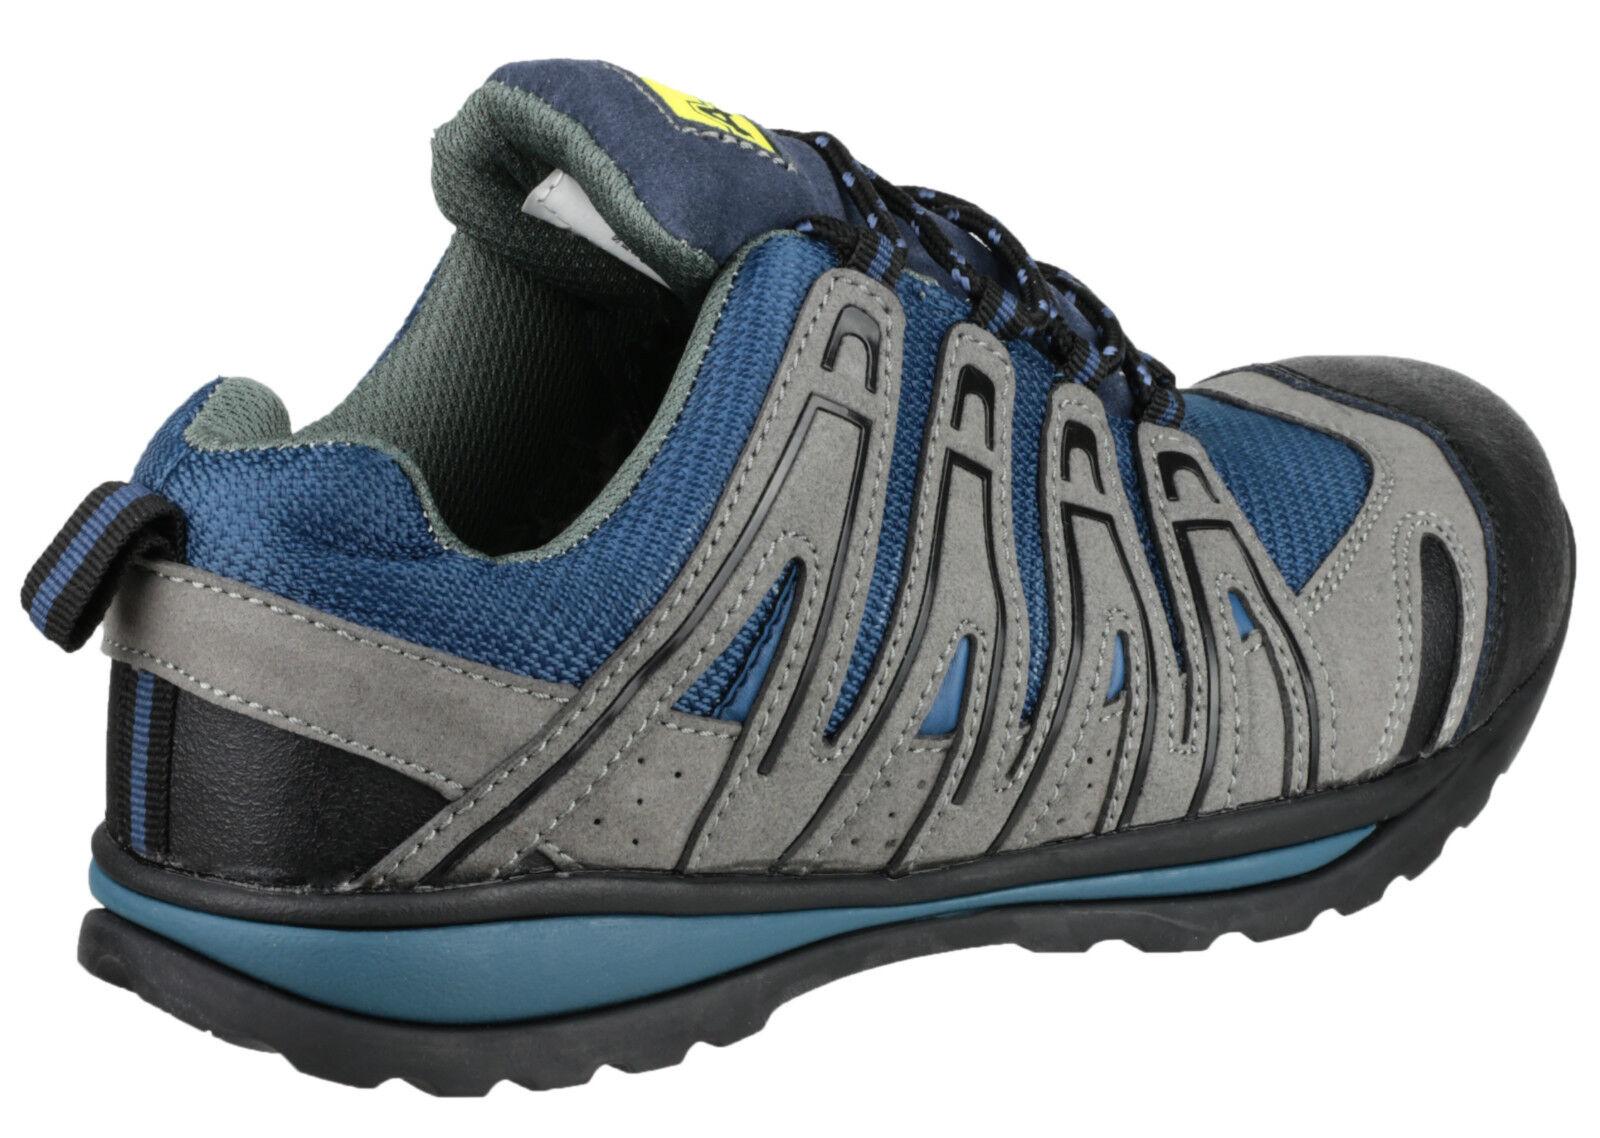 Amblers Zapatillas FS34C seguridad para Hombre Puntera Composite Zapatillas Amblers Zapatos UK4-12 4d4511